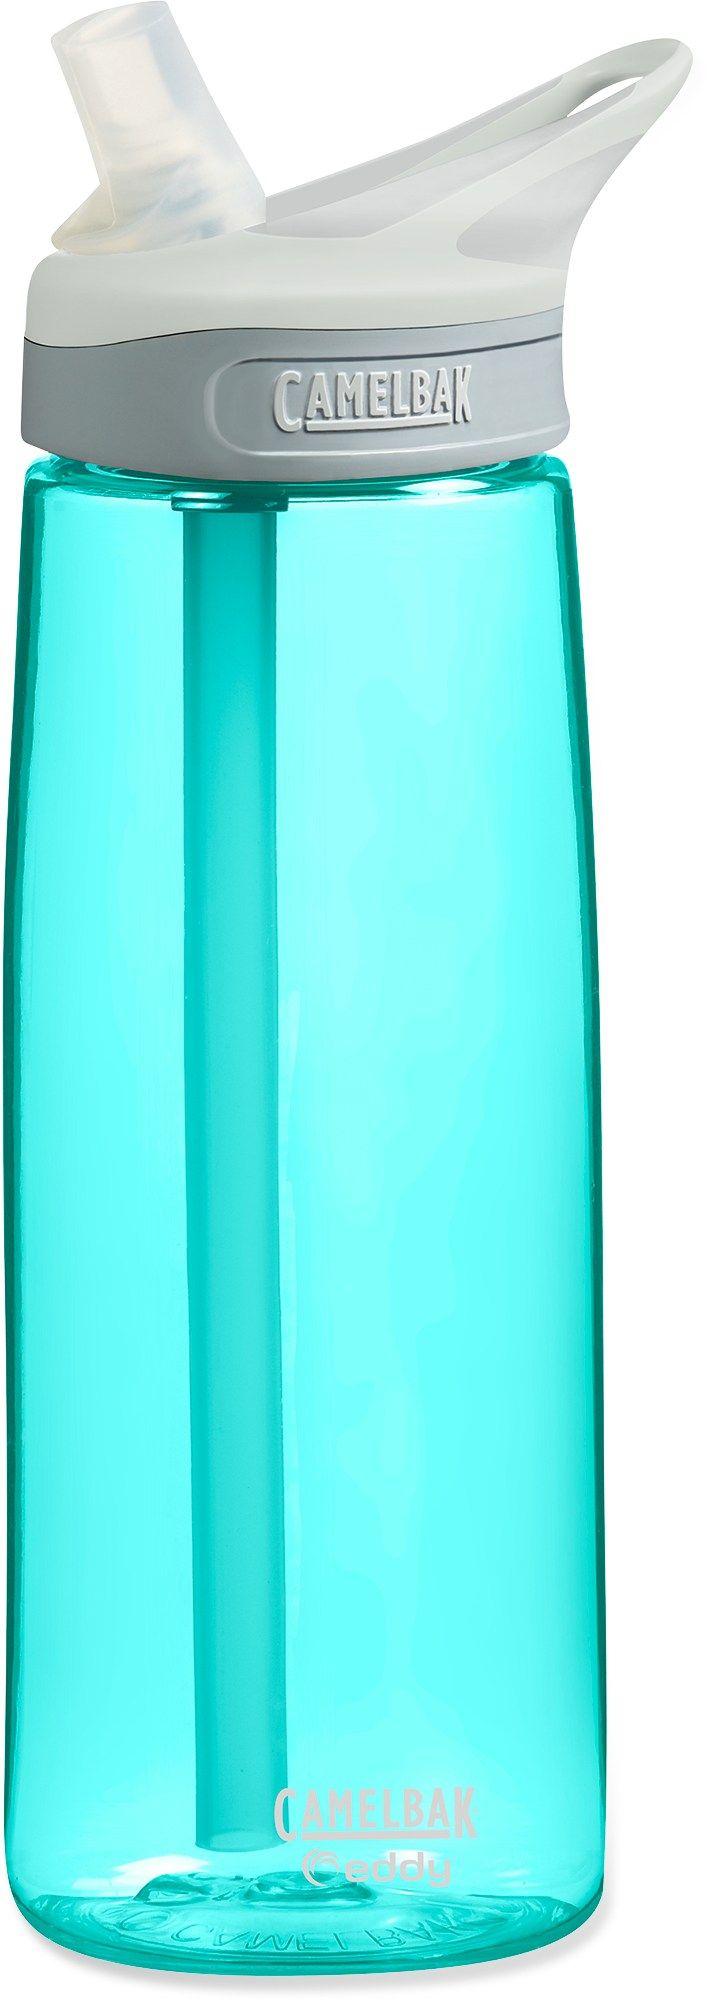 Camelbak Eddy Water Bottle 25 Fl Oz Rei Co Op Water Bottle Camelbak Camelback Water Bottle Bottle